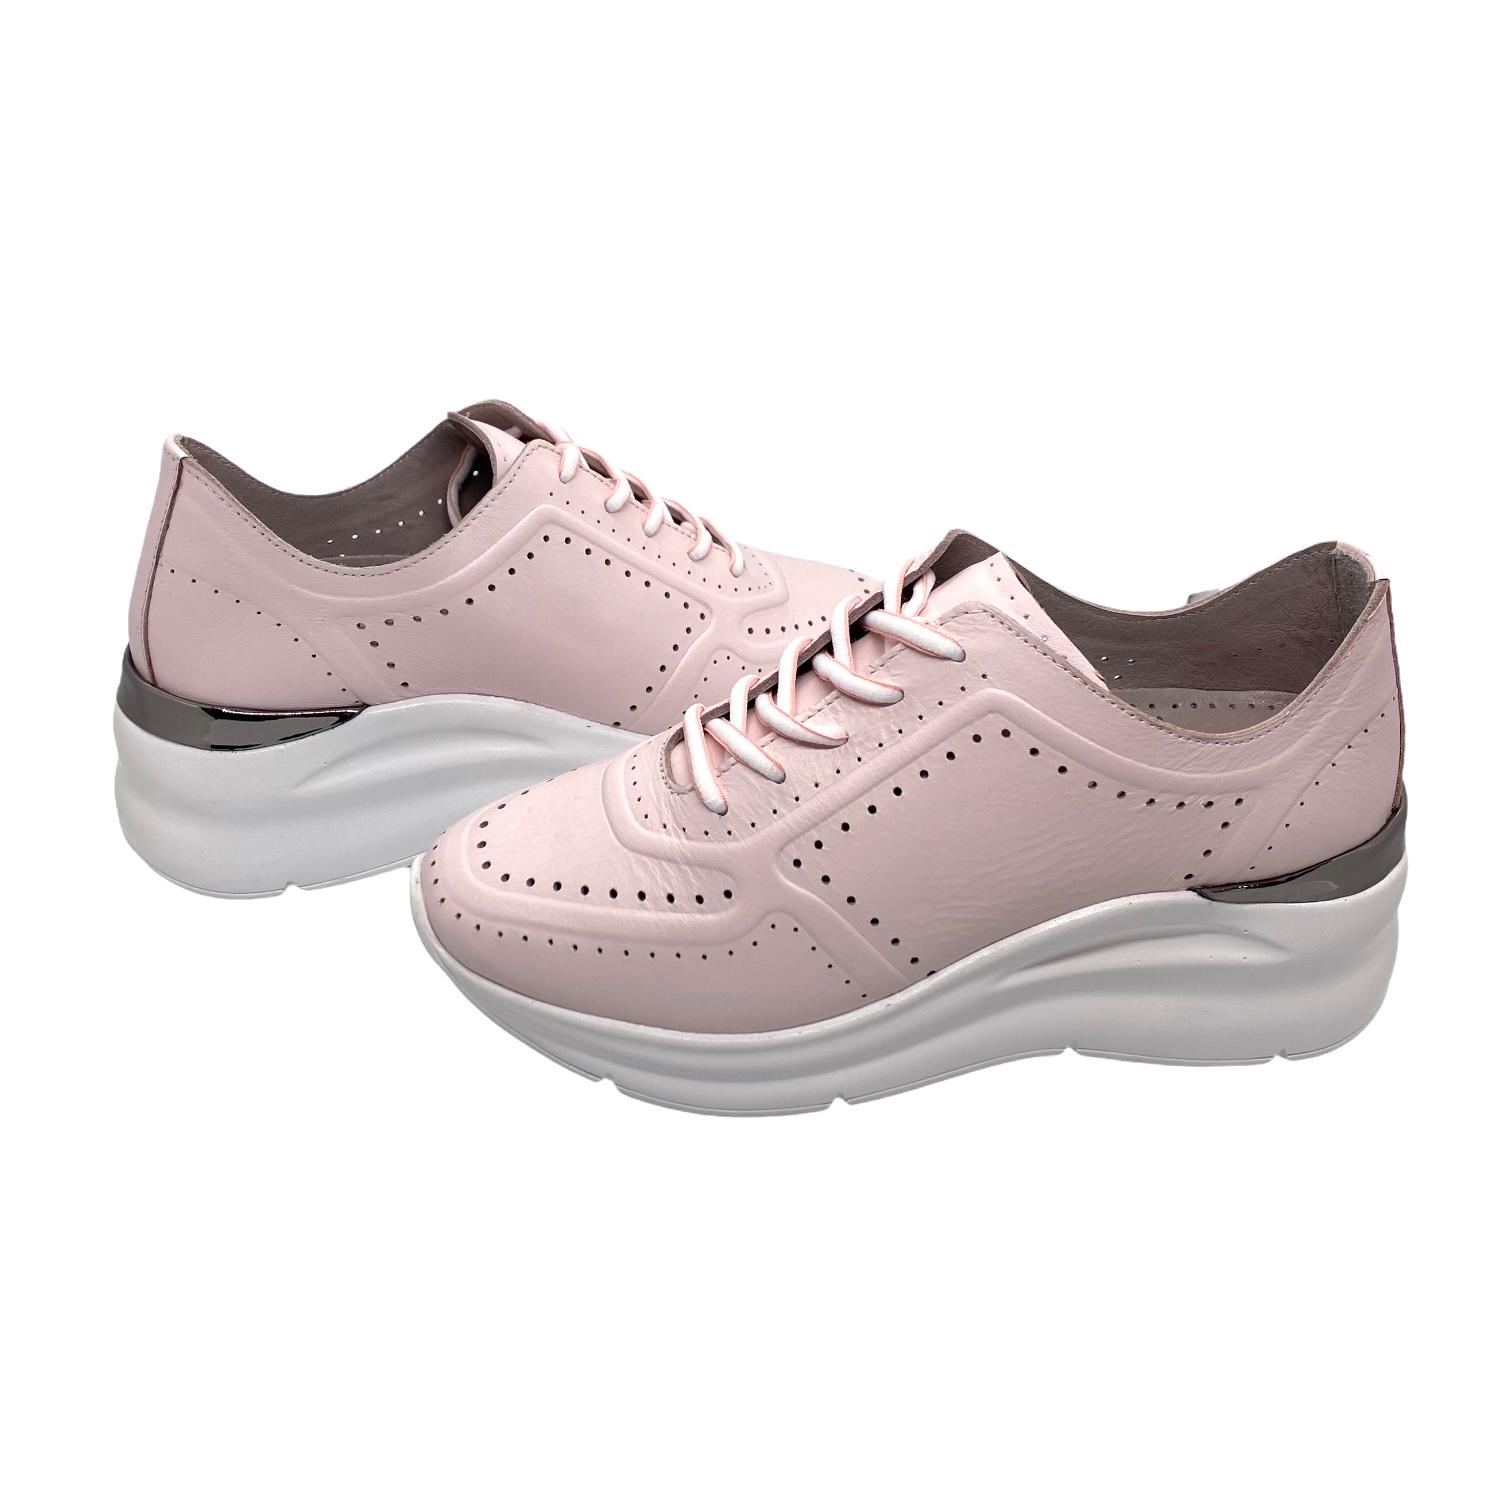 Pantofi sport roz cu perforatii si detaliu argintiu